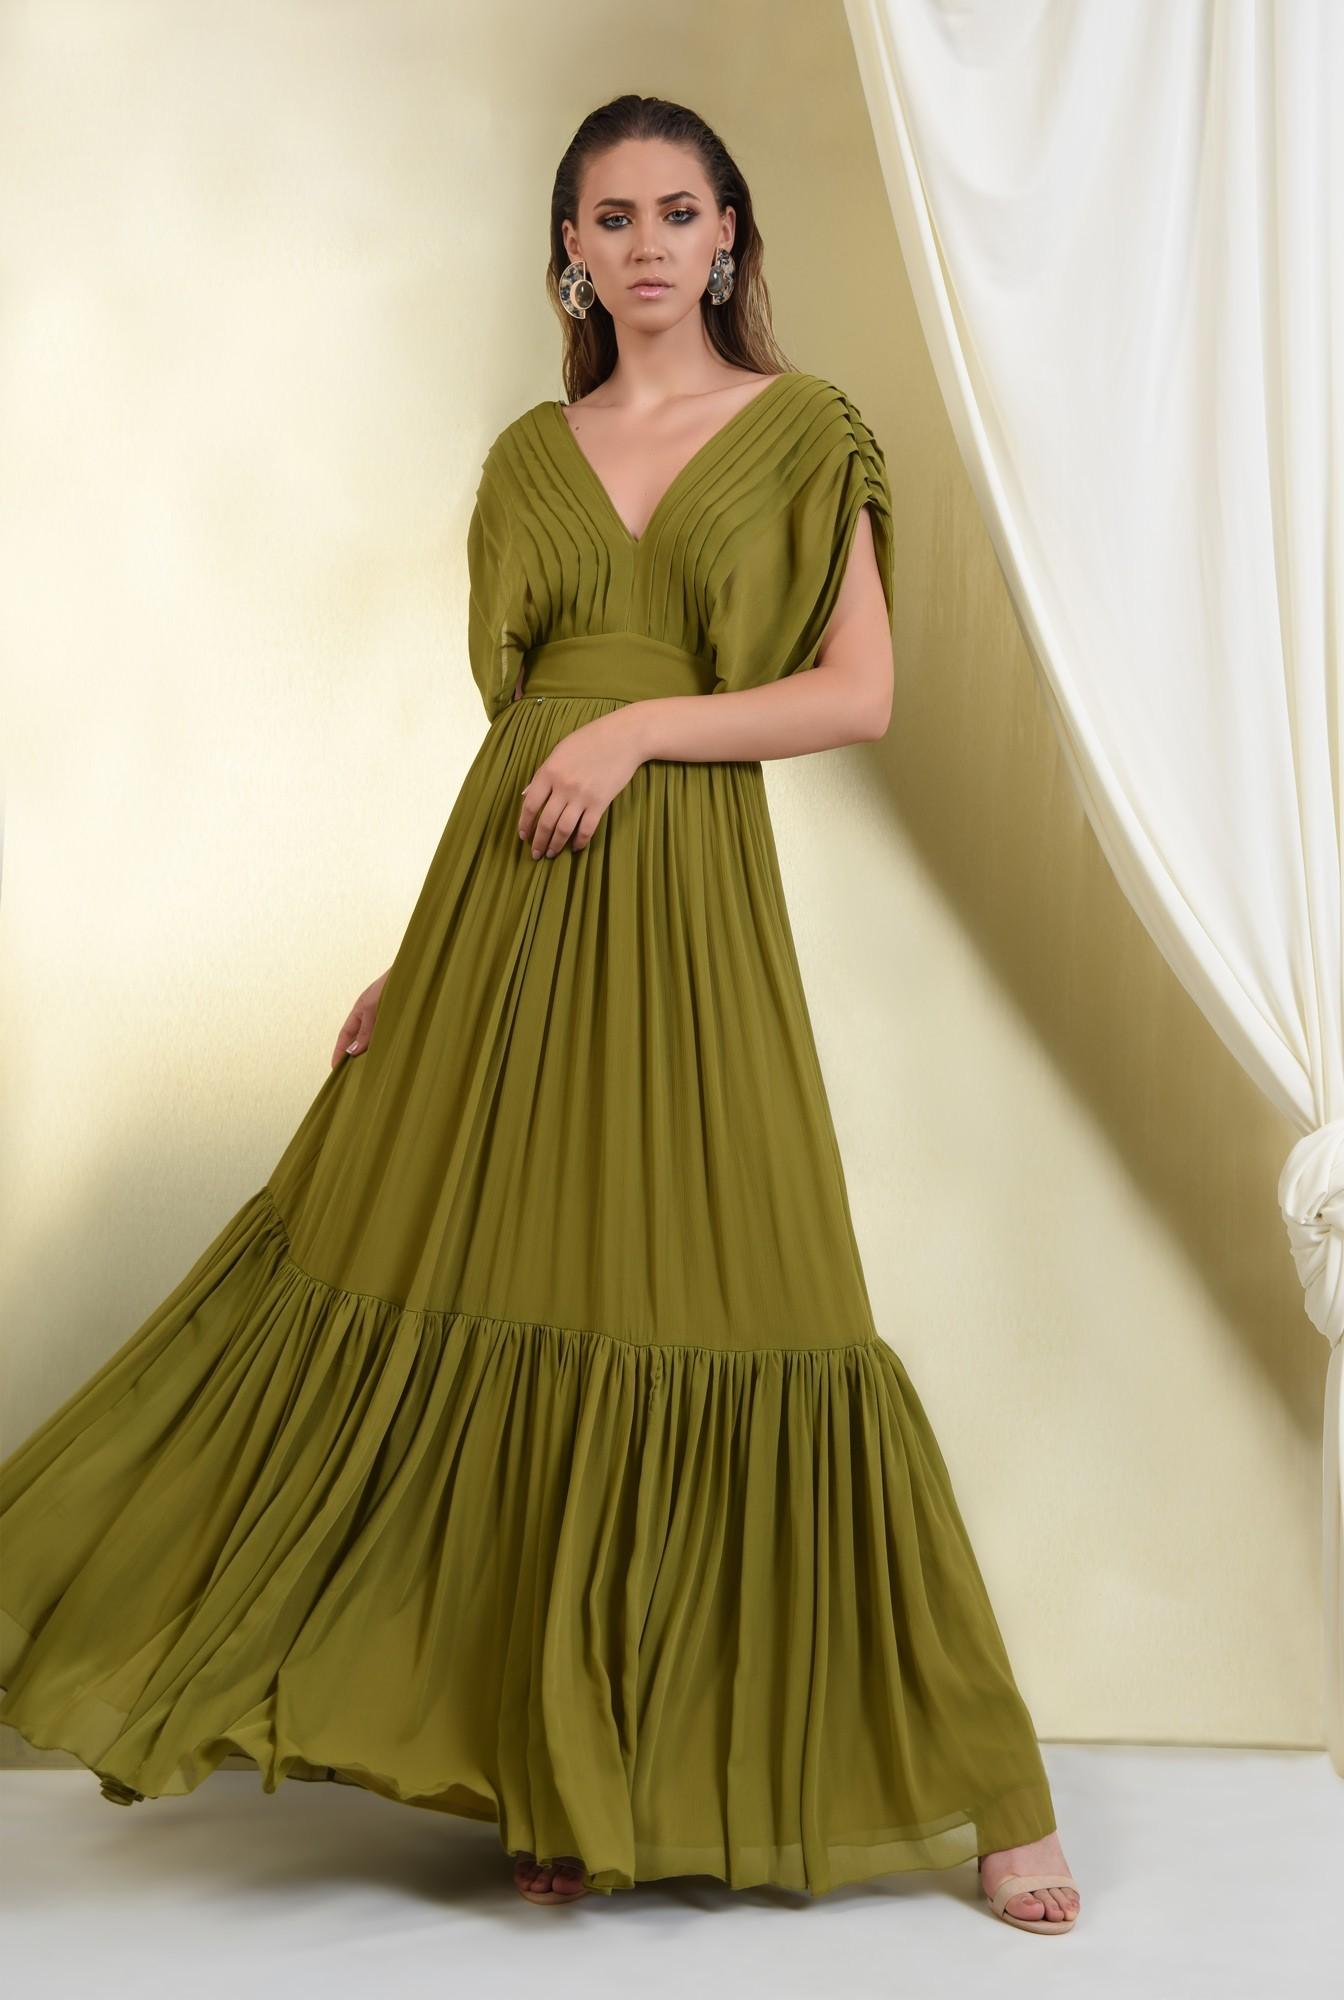 0 - rochie de ocazie, lunga, din voal, pliuri decorative, fara maneci, volan amplu, despicata pe parti